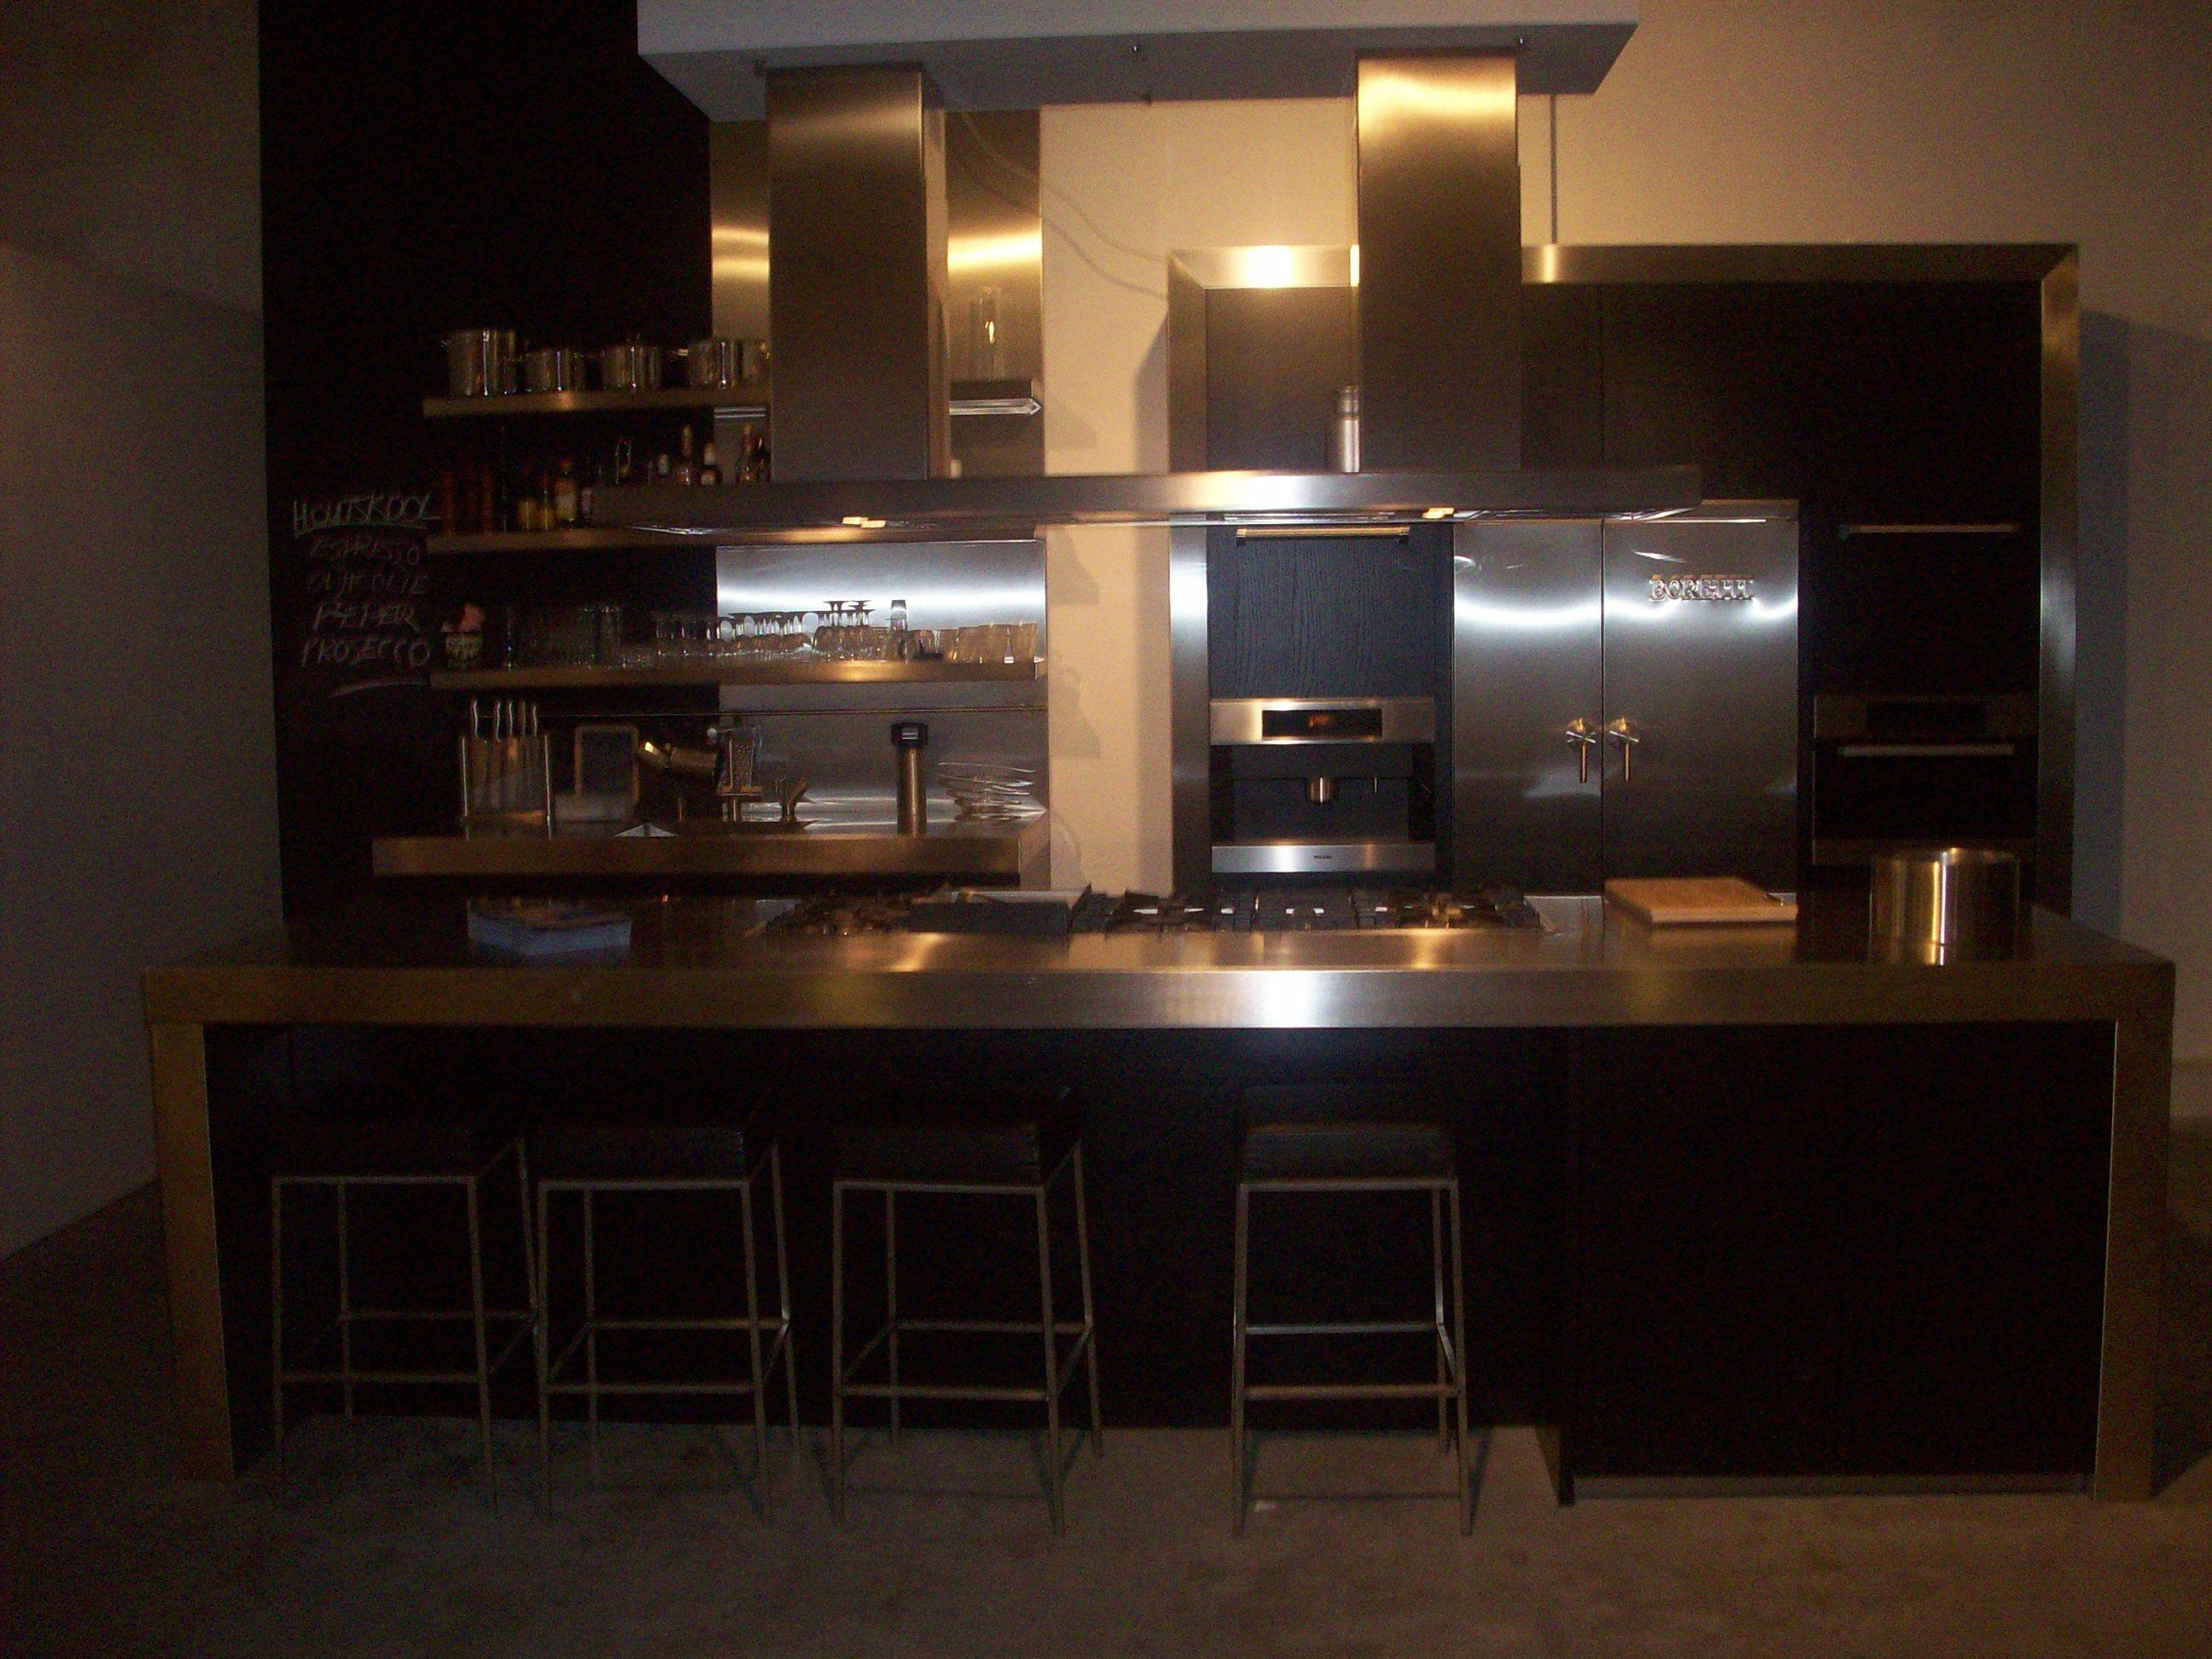 zwart eiken 38820 eiland keuken zwart eiken met boretti 150 cm fornuis ...